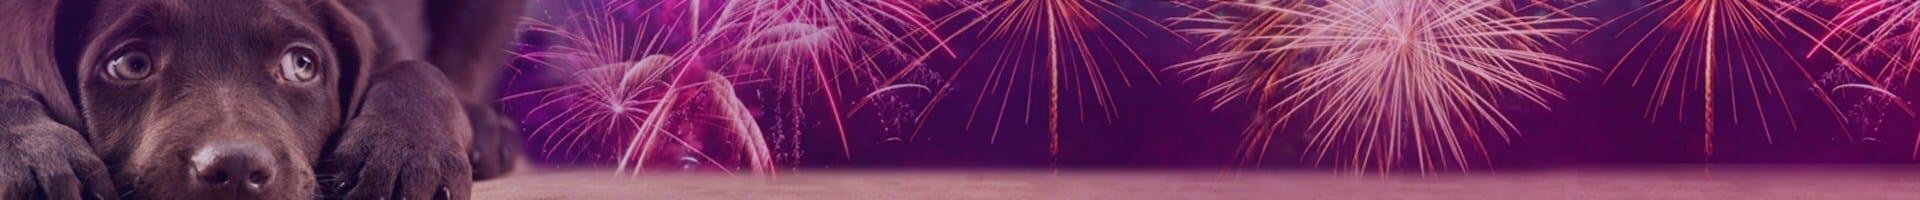 Kutya és tűzijáték